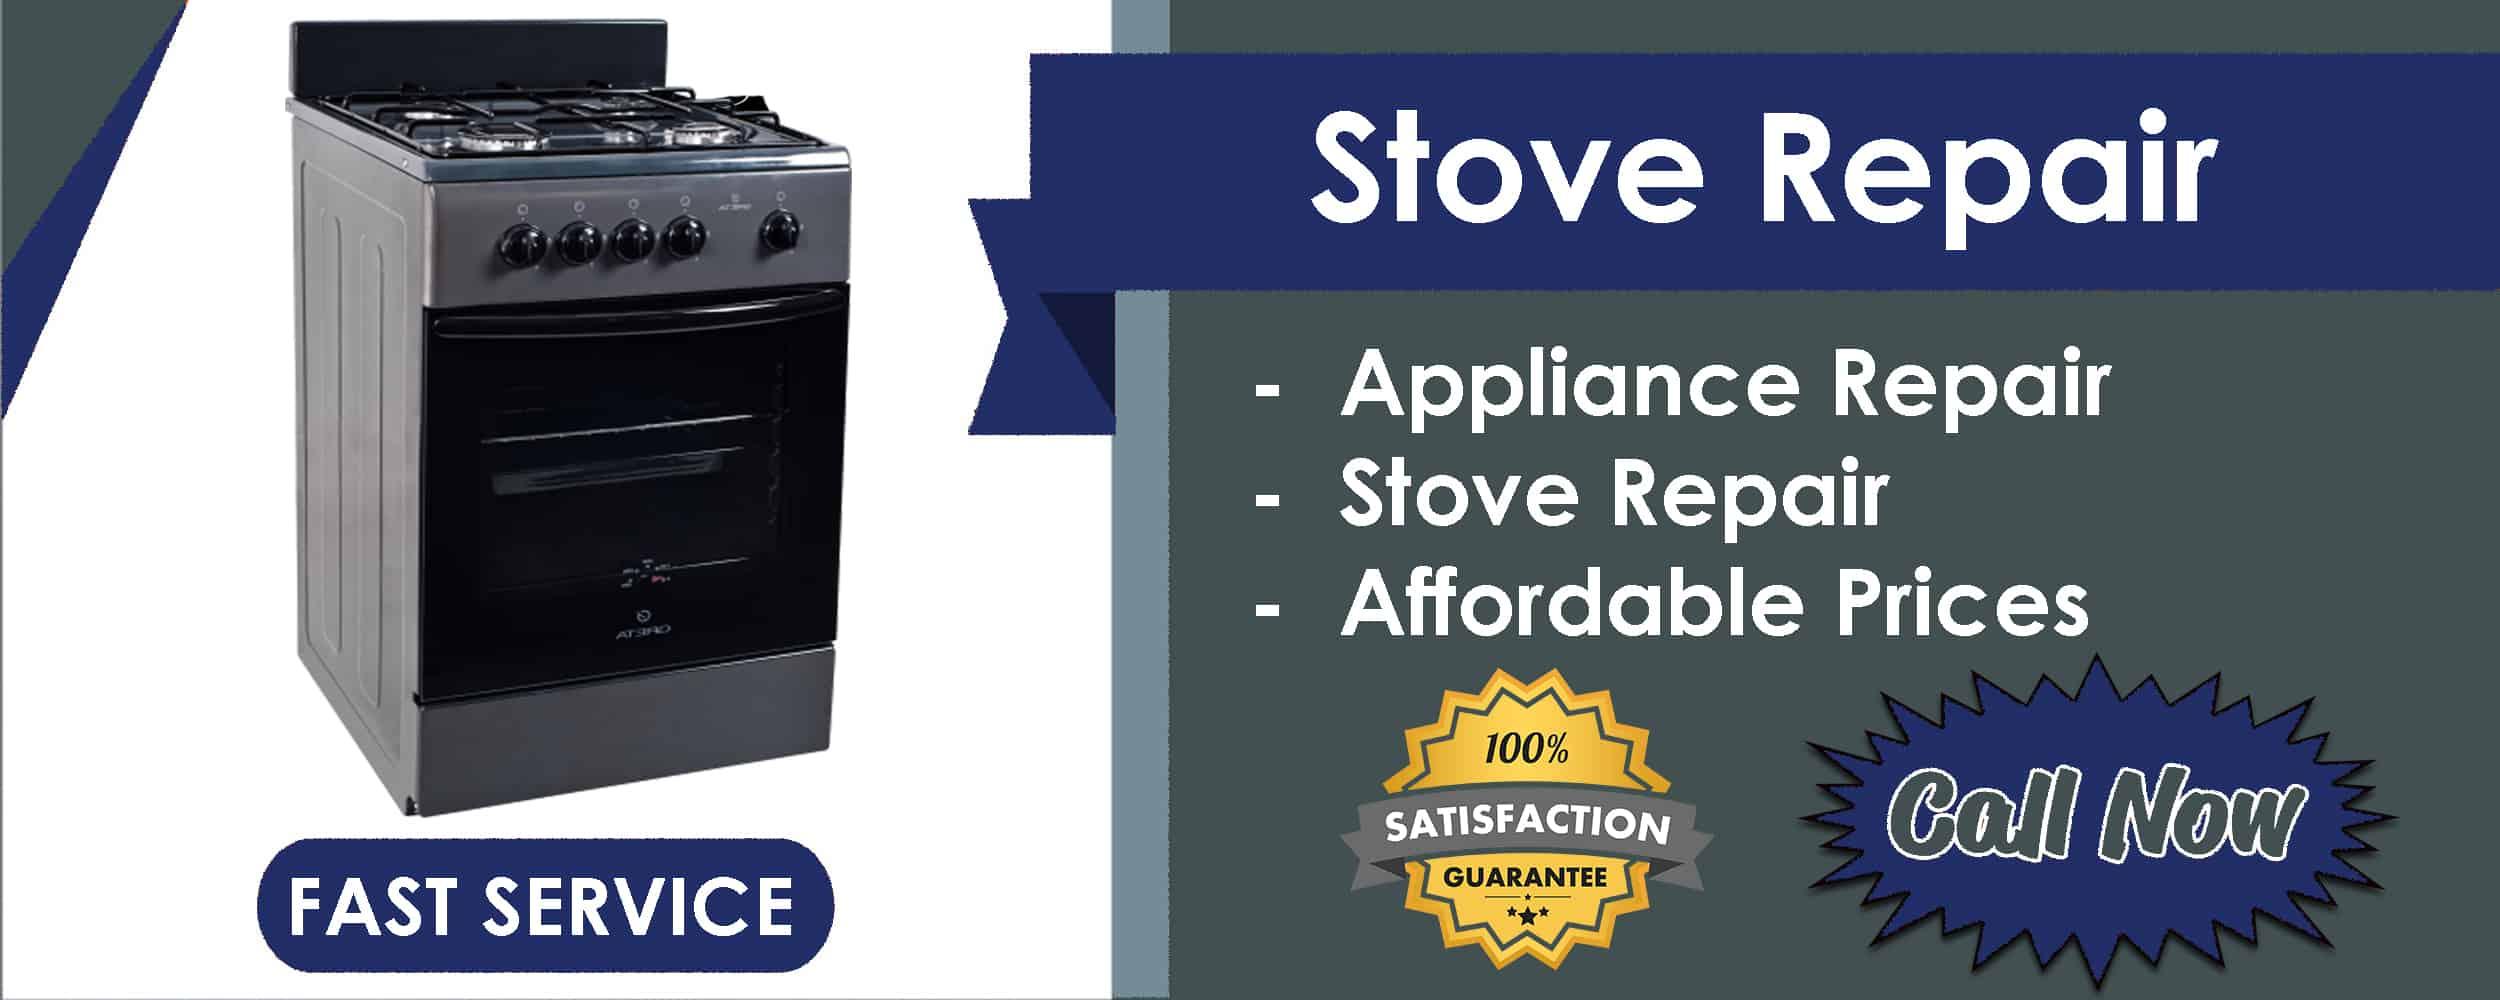 stove repair service